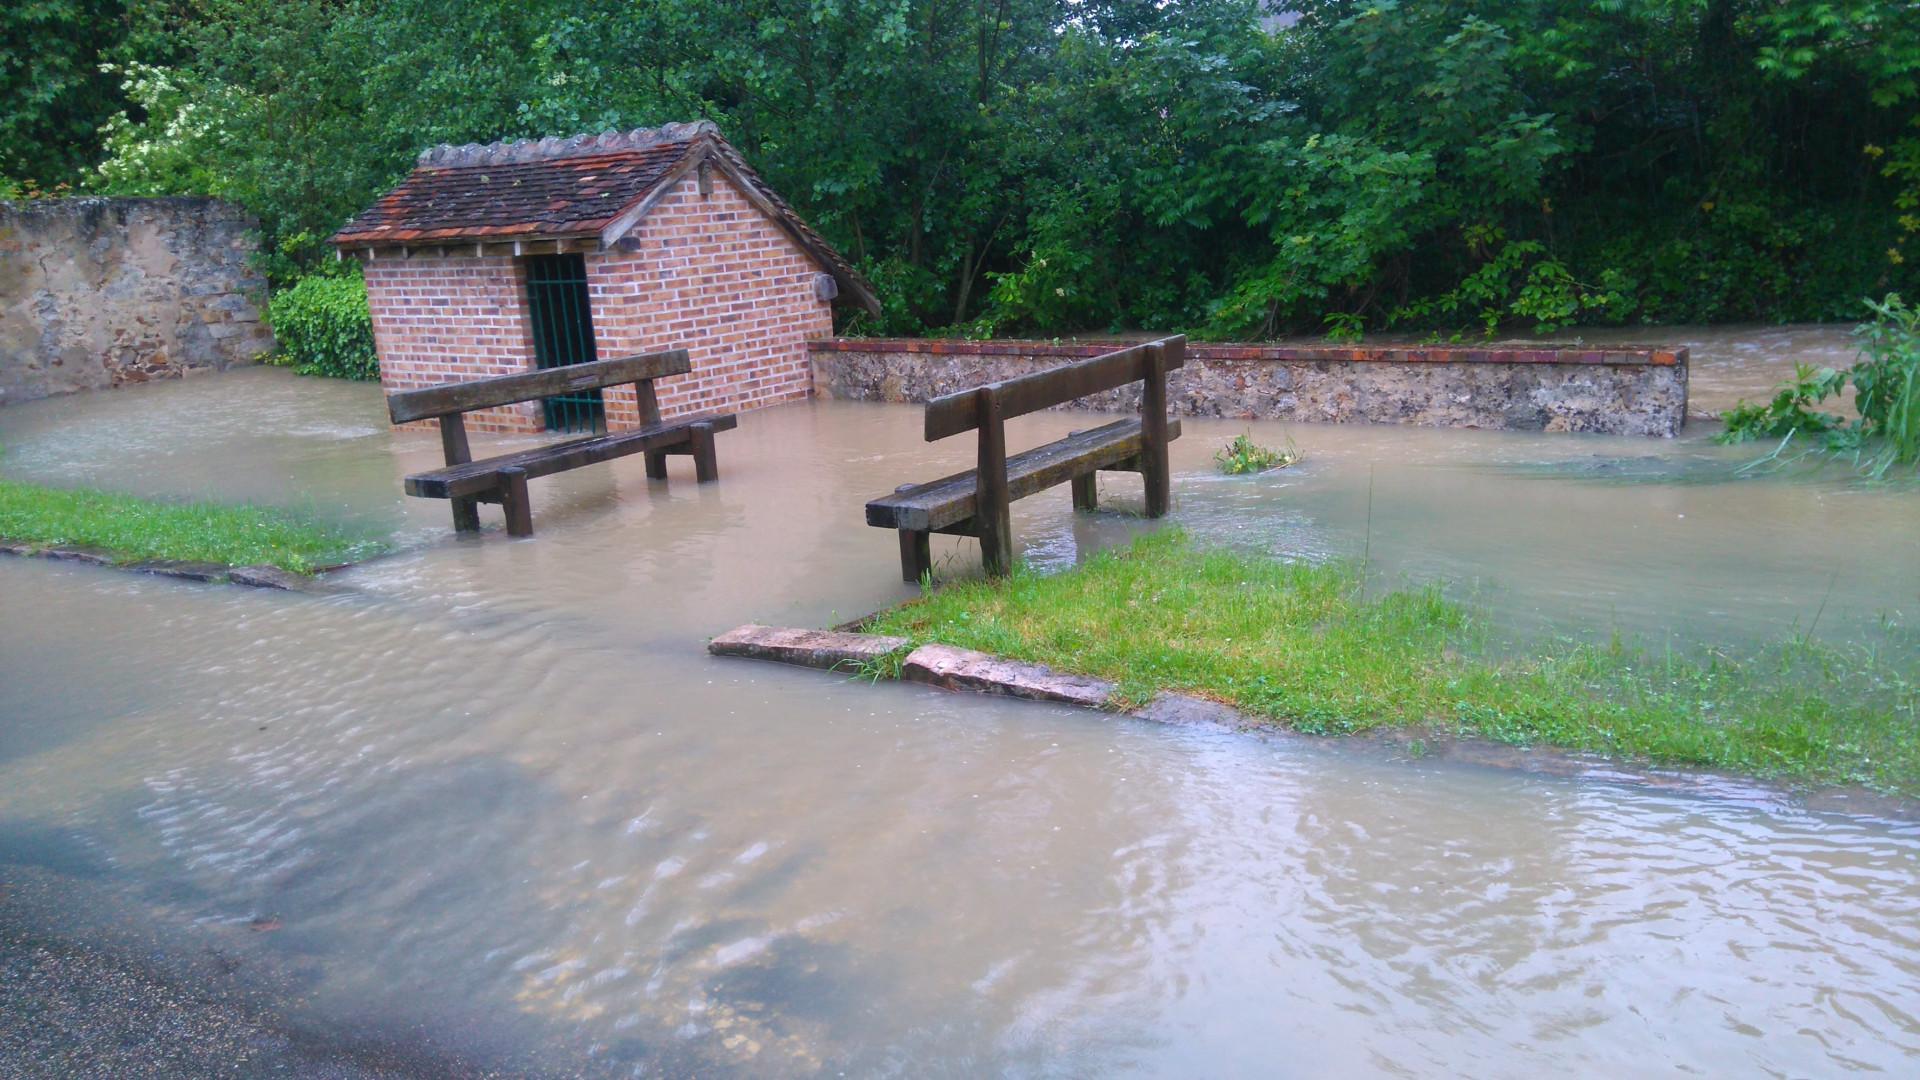 Inondations à Voulx (Seine-et-Marne) le 1er juin